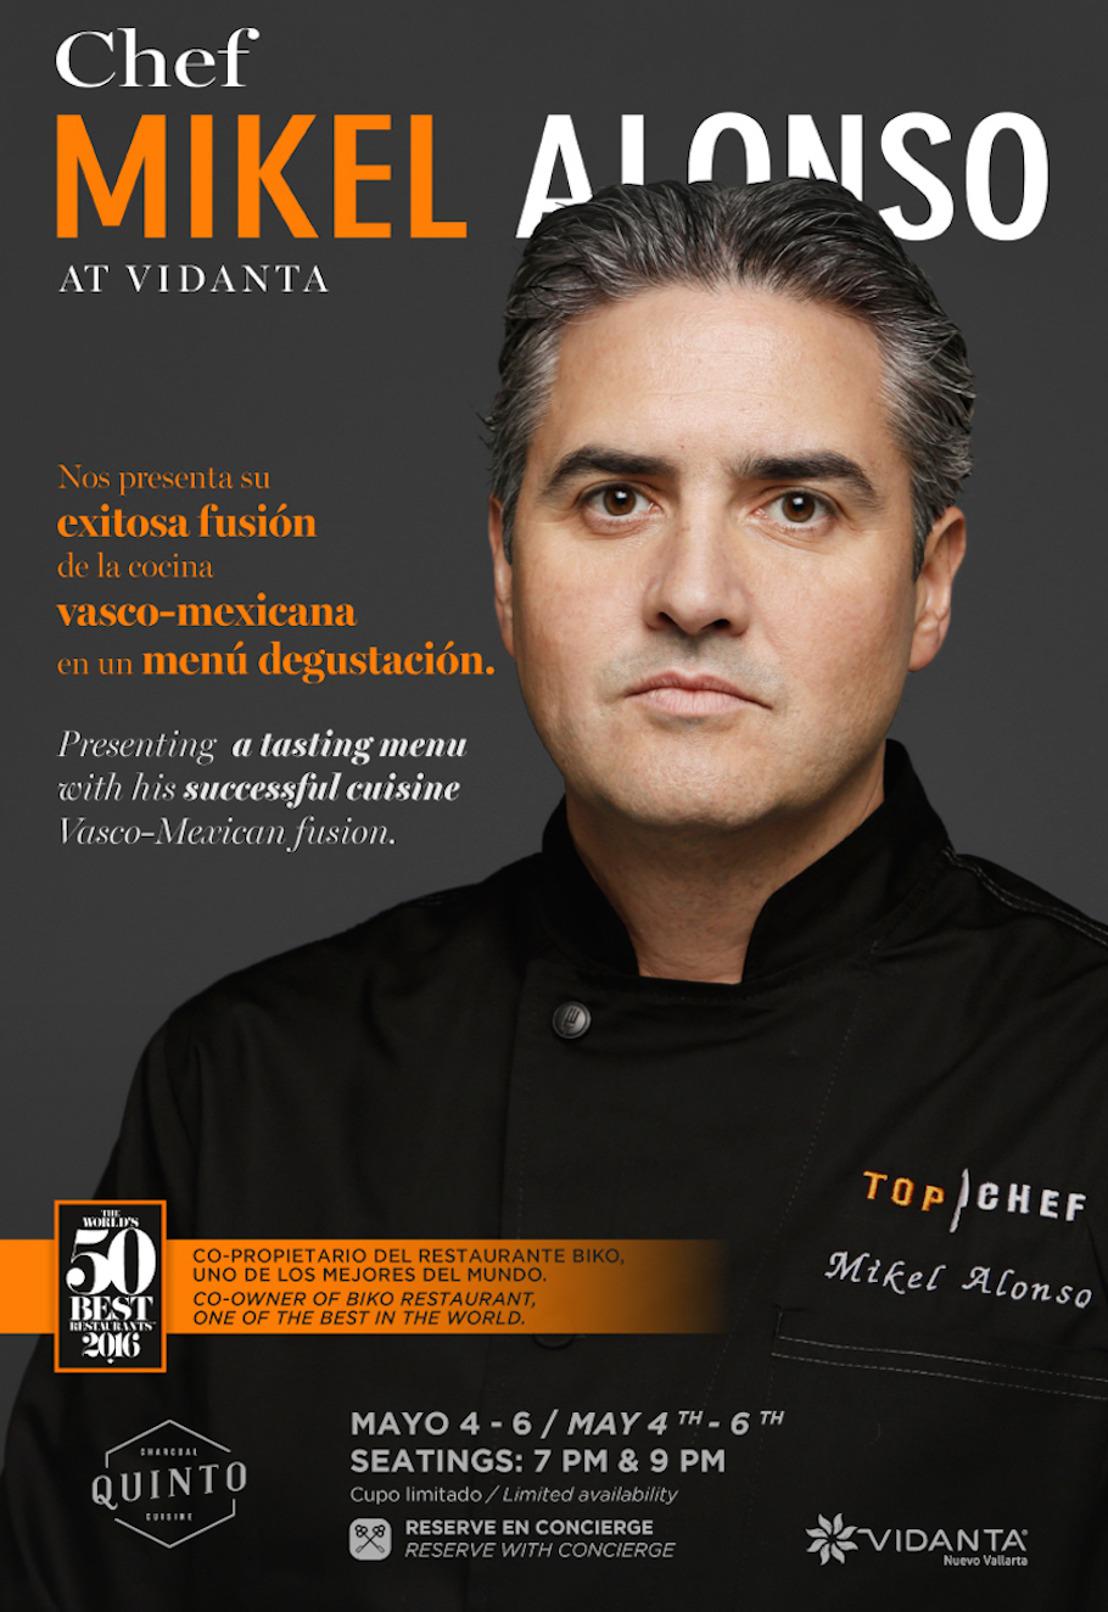 La sofisticada oferta gastronómica de Grupo Vidanta se une a la experiencia internacional de Mikel Alonso